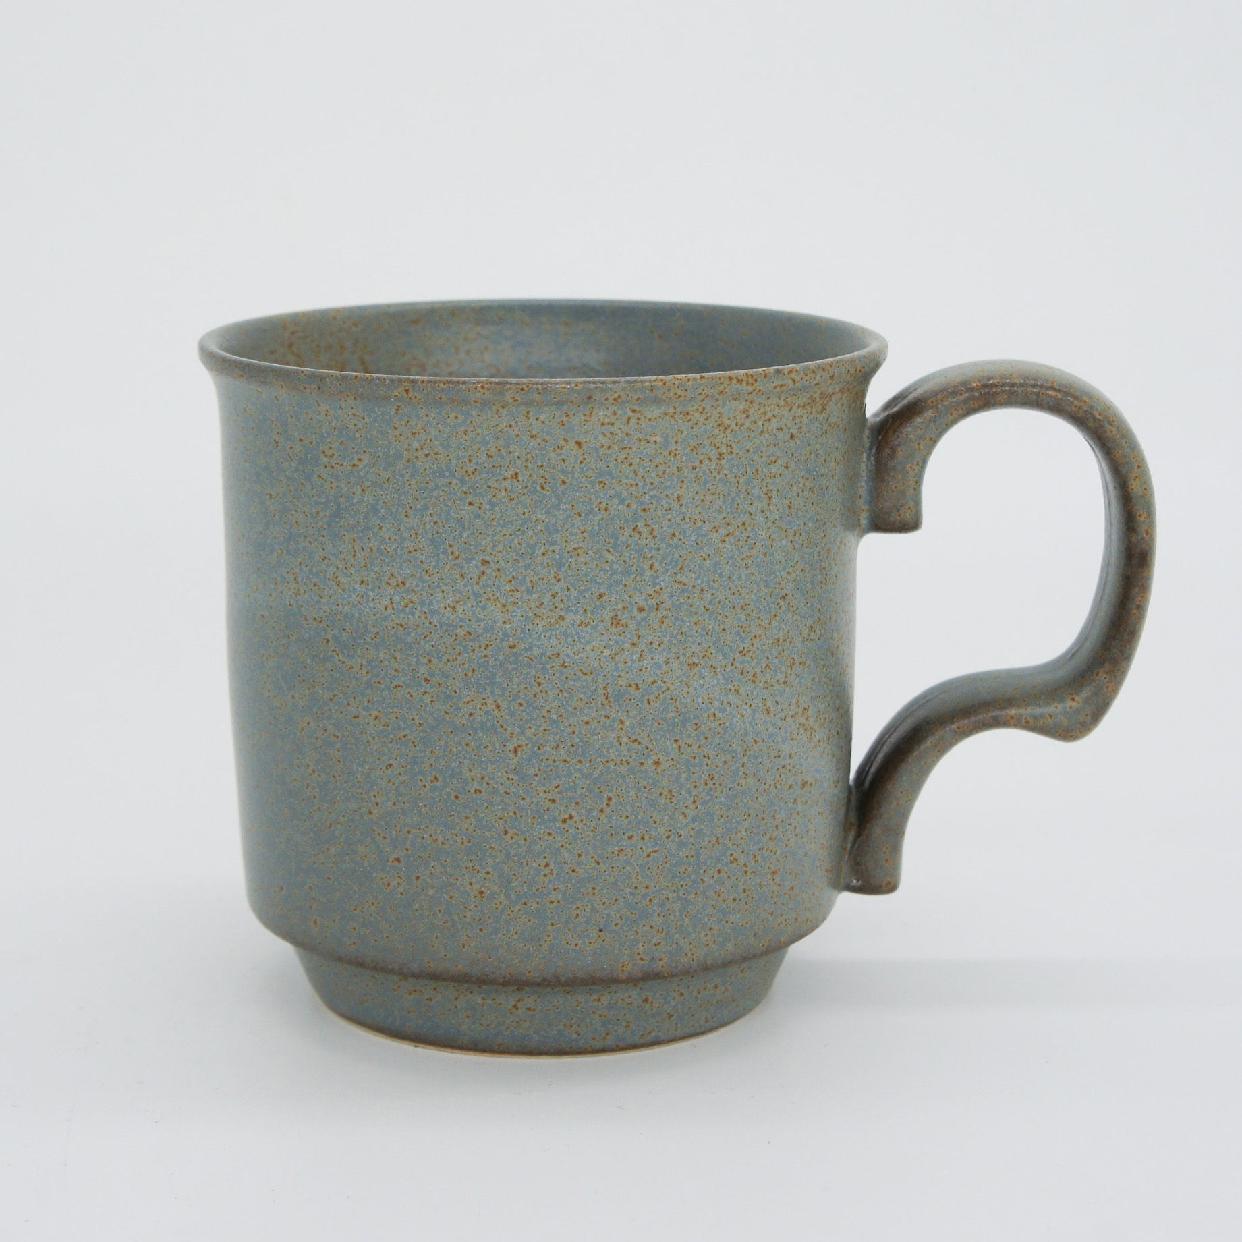 Ancient Pottery マグカップ ブラス M450011の商品画像